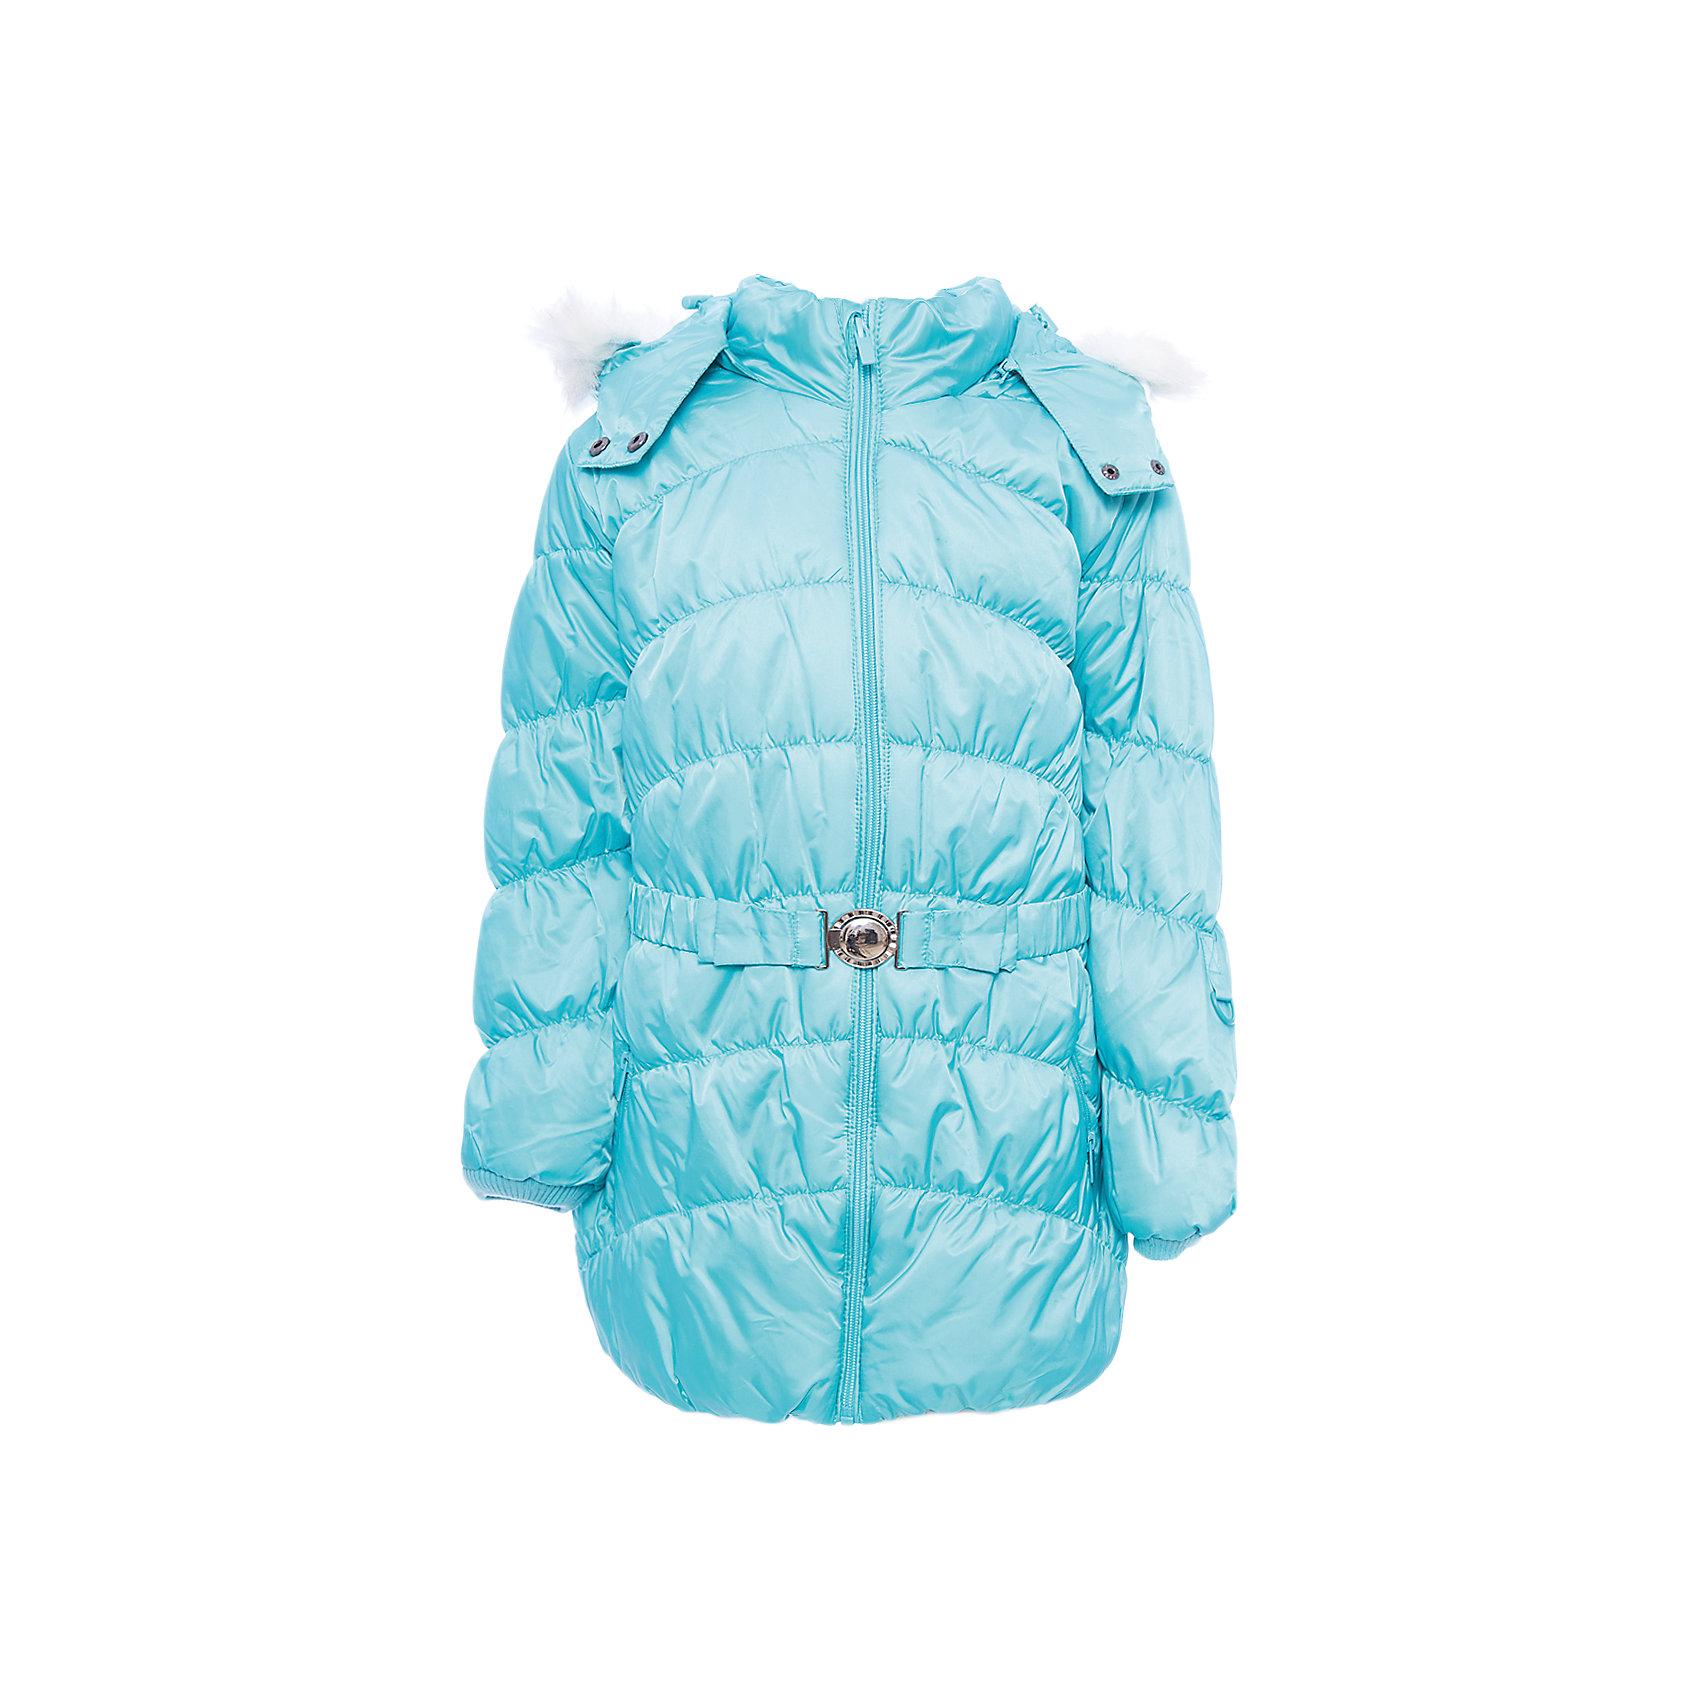 Куртка PlayToday для девочкиВерхняя одежда<br>Куртка PlayToday для девочки<br>Теплая стеганая куртка на молнии из ткани с водоотталкивающей пропиткой - отличное решение для холодной зимы. Специальный карман для фиксации бегунка на молнии не позволит застежке травмировать нежную детскую кожу. Модель дополнена капюшоном, декорированным искусственным мехом. При необходимости и капюшон, и мех можно отстегнуть. Пояс куртки с эффектной пряжкой. Манжеты и низ изделия на мягких резинках. Подкладка и внутрення часть воротника из теплого флиса. Рукава дополнены специальными кольцами, на которые можно пристегнуть варежки или перчатки. Куртка с удобными вшивными карманами на молниях. Светоотражатели обеспечат безопасность ребенка - он будет виден в темное время суток.<br>Состав:<br>Верх: 100% полиэстер, Подкладка: 100% полиэстер, Наполнитель: 100% полиэстер, 300 г/м2<br><br>Ширина мм: 356<br>Глубина мм: 10<br>Высота мм: 245<br>Вес г: 519<br>Цвет: голубой<br>Возраст от месяцев: 84<br>Возраст до месяцев: 96<br>Пол: Женский<br>Возраст: Детский<br>Размер: 128,98,104,110,116,122<br>SKU: 7115562